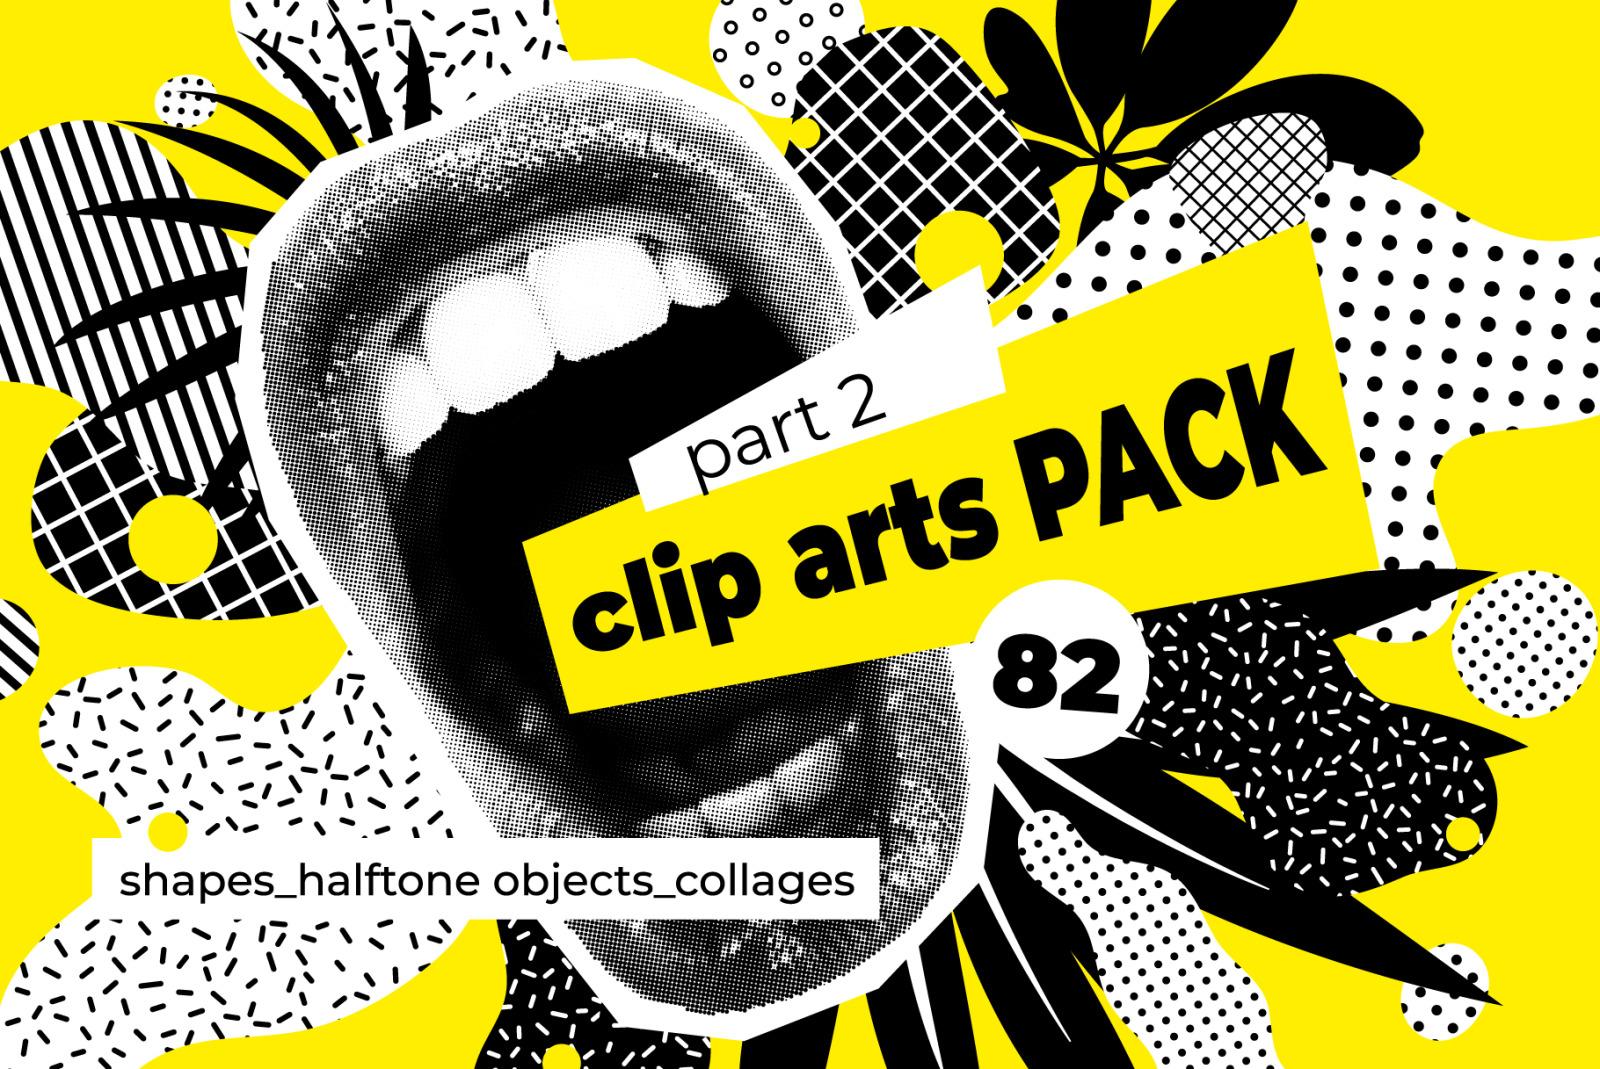 Clip art PACK. Part 2